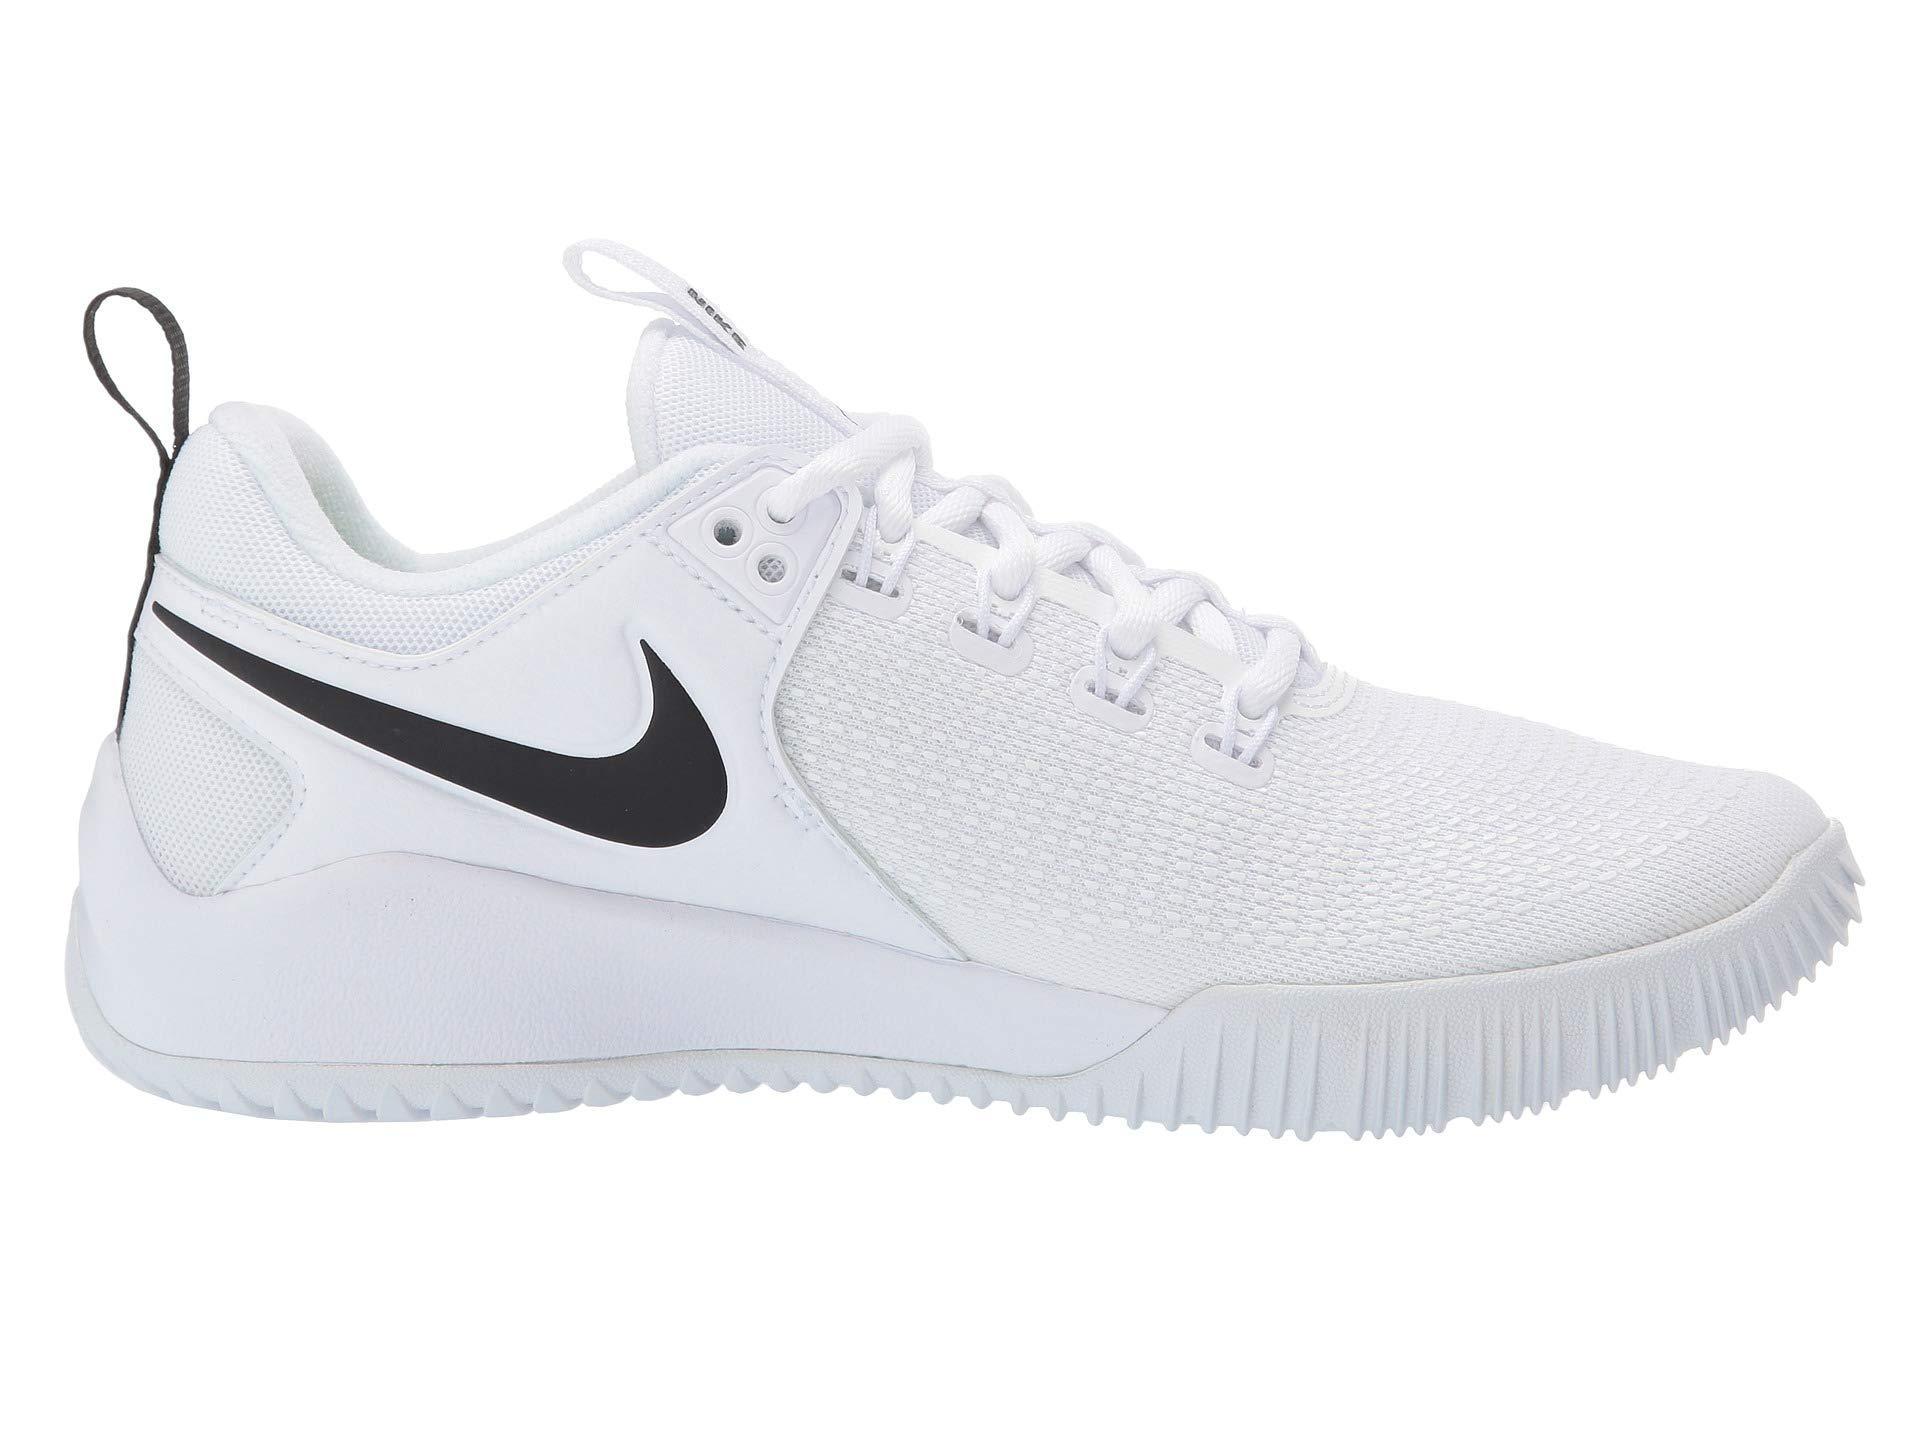 brand new e0511 c73f6 Nike Zoom Hyperace 2 (white black) Women s Cross Training Shoes in White -  Lyst